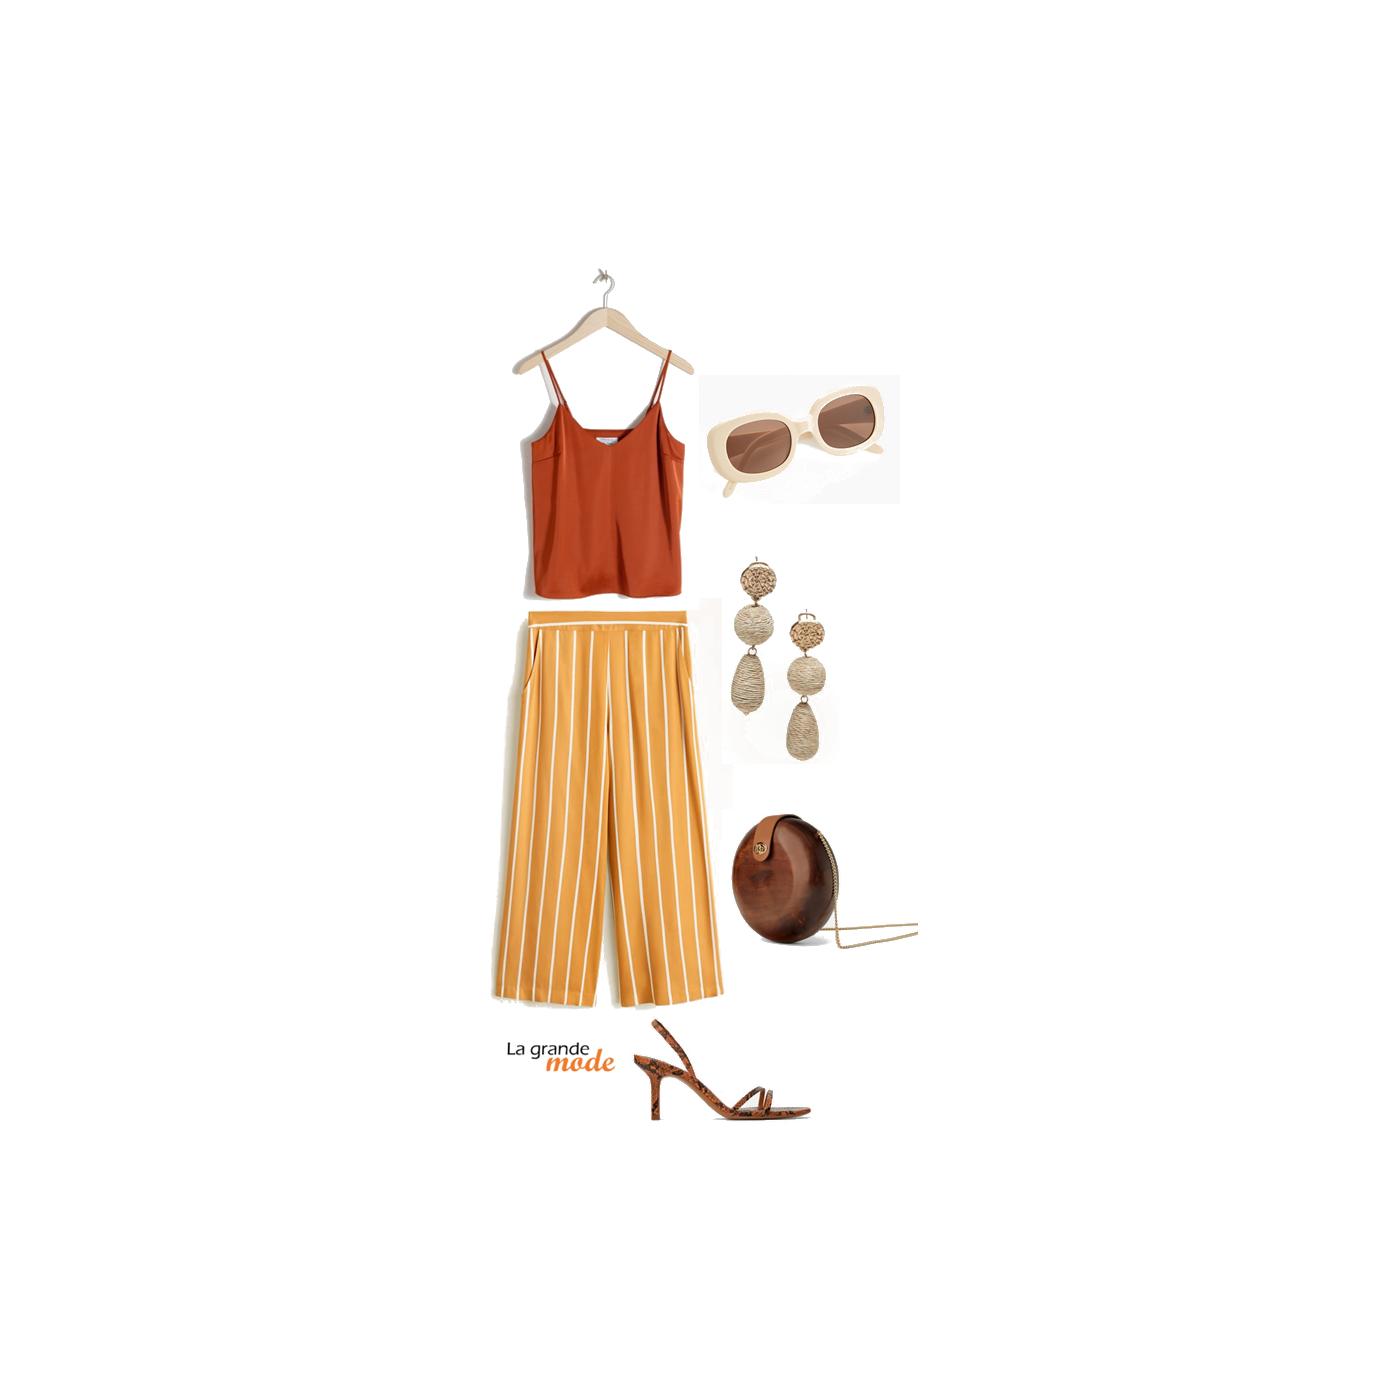 La Grande Mode - Idée look avec un pantalon rayé - Tendance mode printemps été 2019